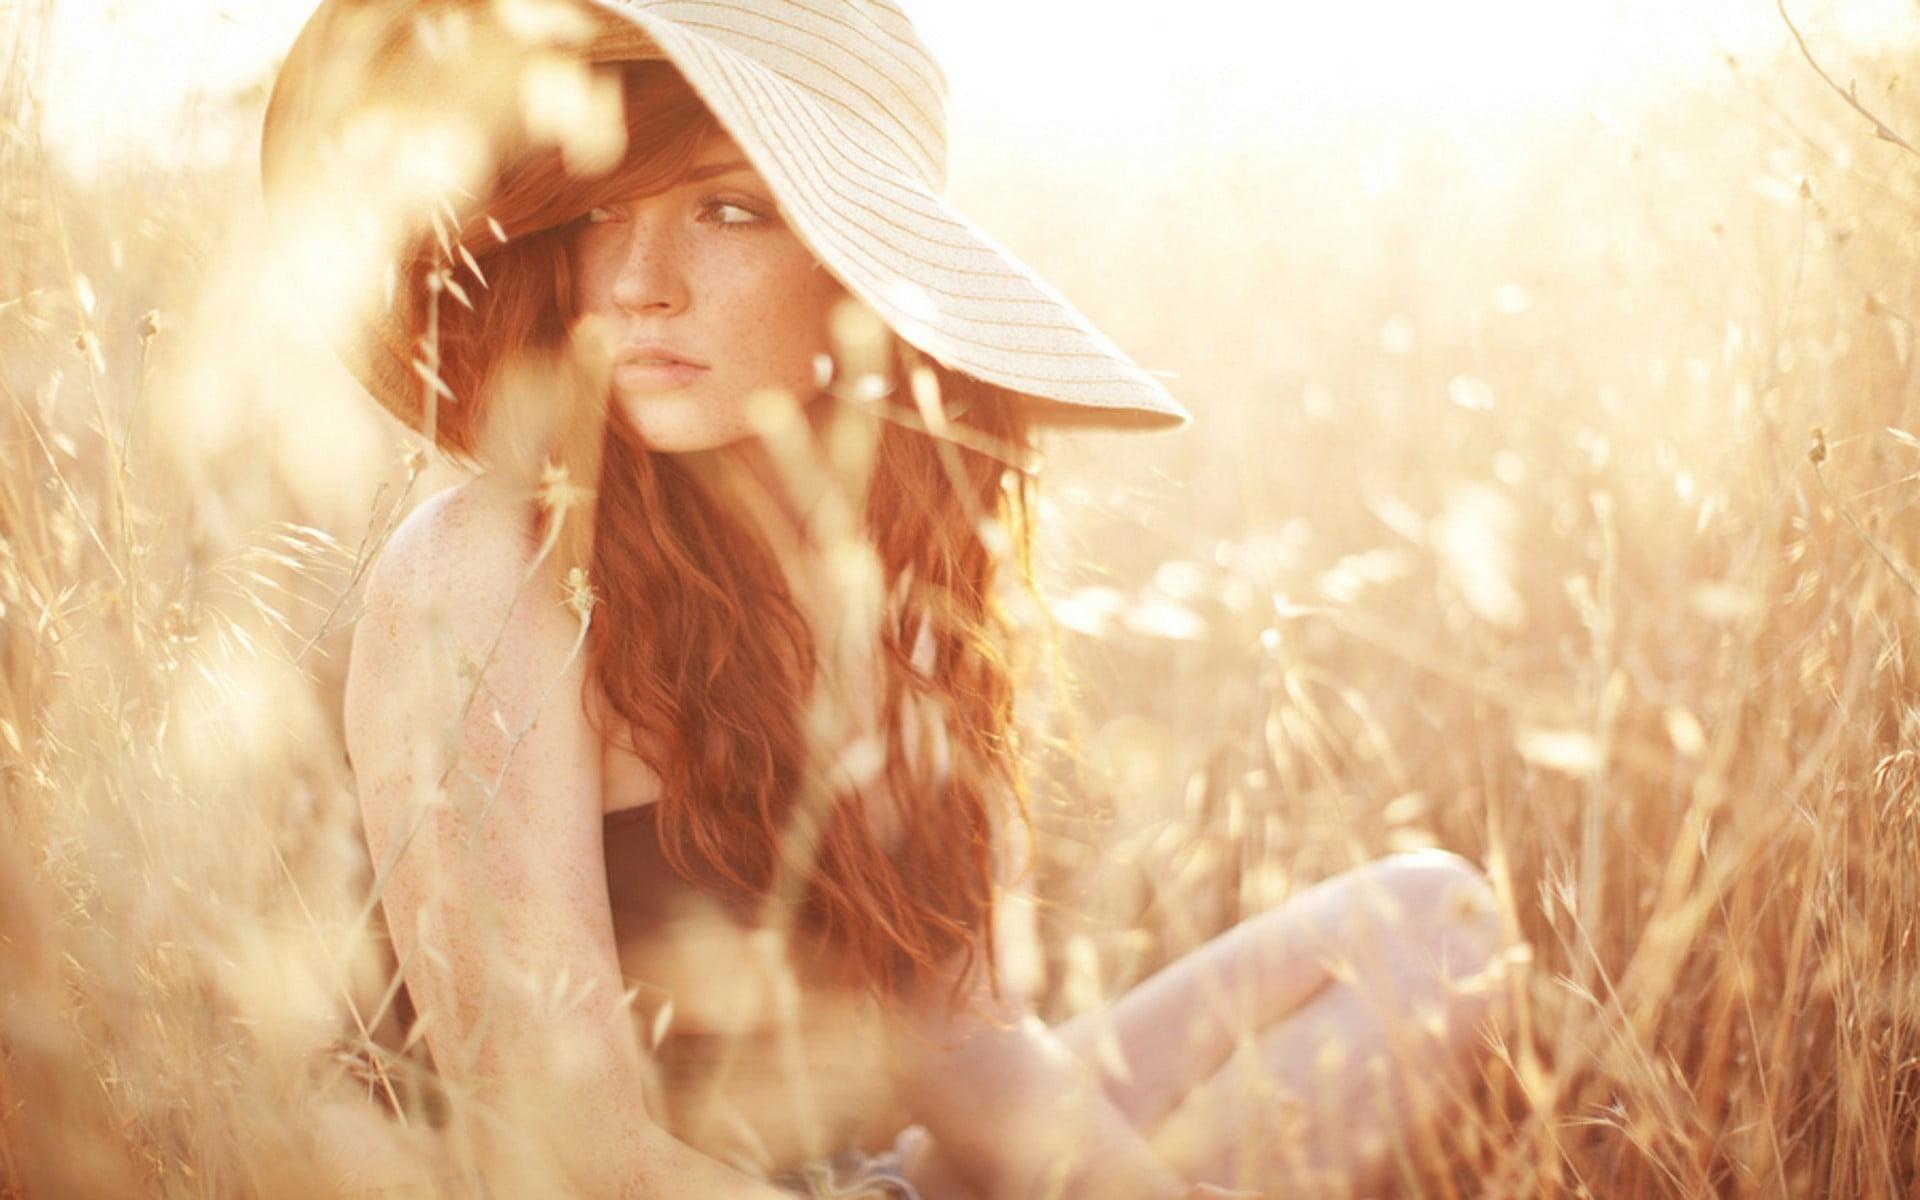 women redhead freckles women outdoors wallpaper 8291f2c04d863e3b9a78e205a05869d2